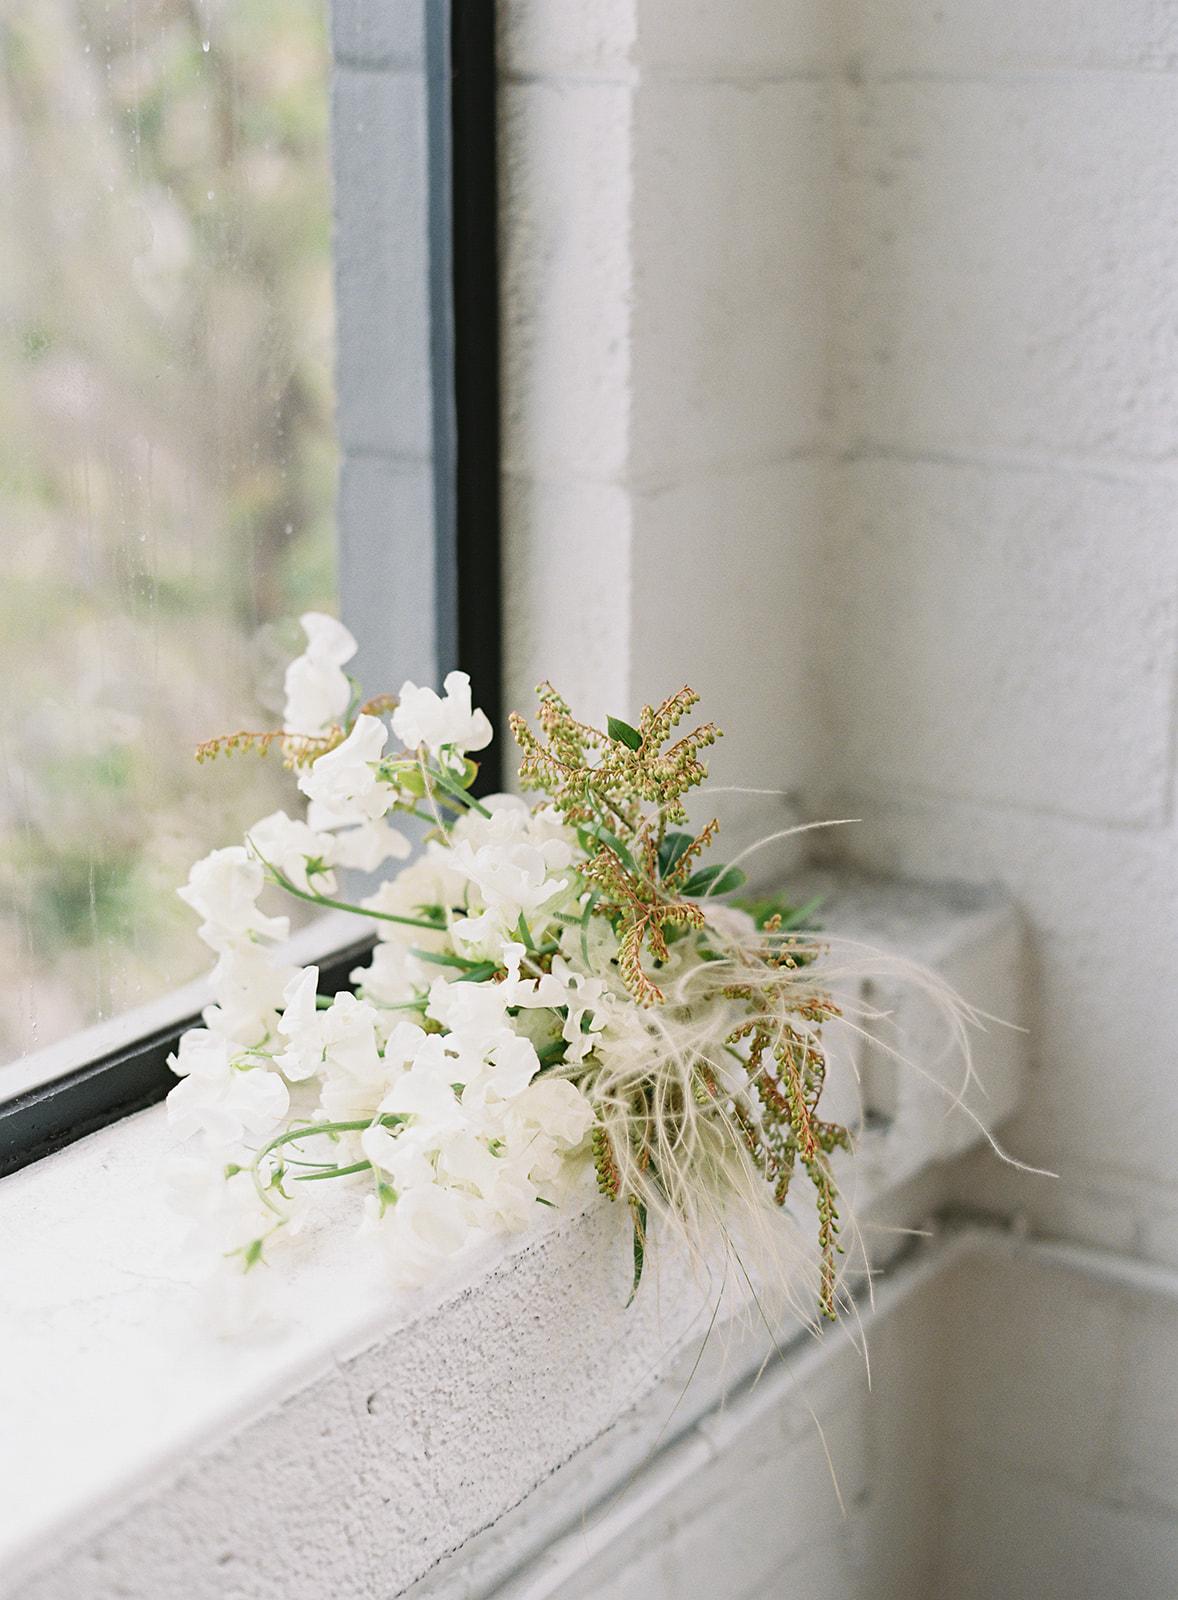 Nathalie Cheng Photography_Erica Estrada Design_CEREAL Editorial_135_websize.jpg